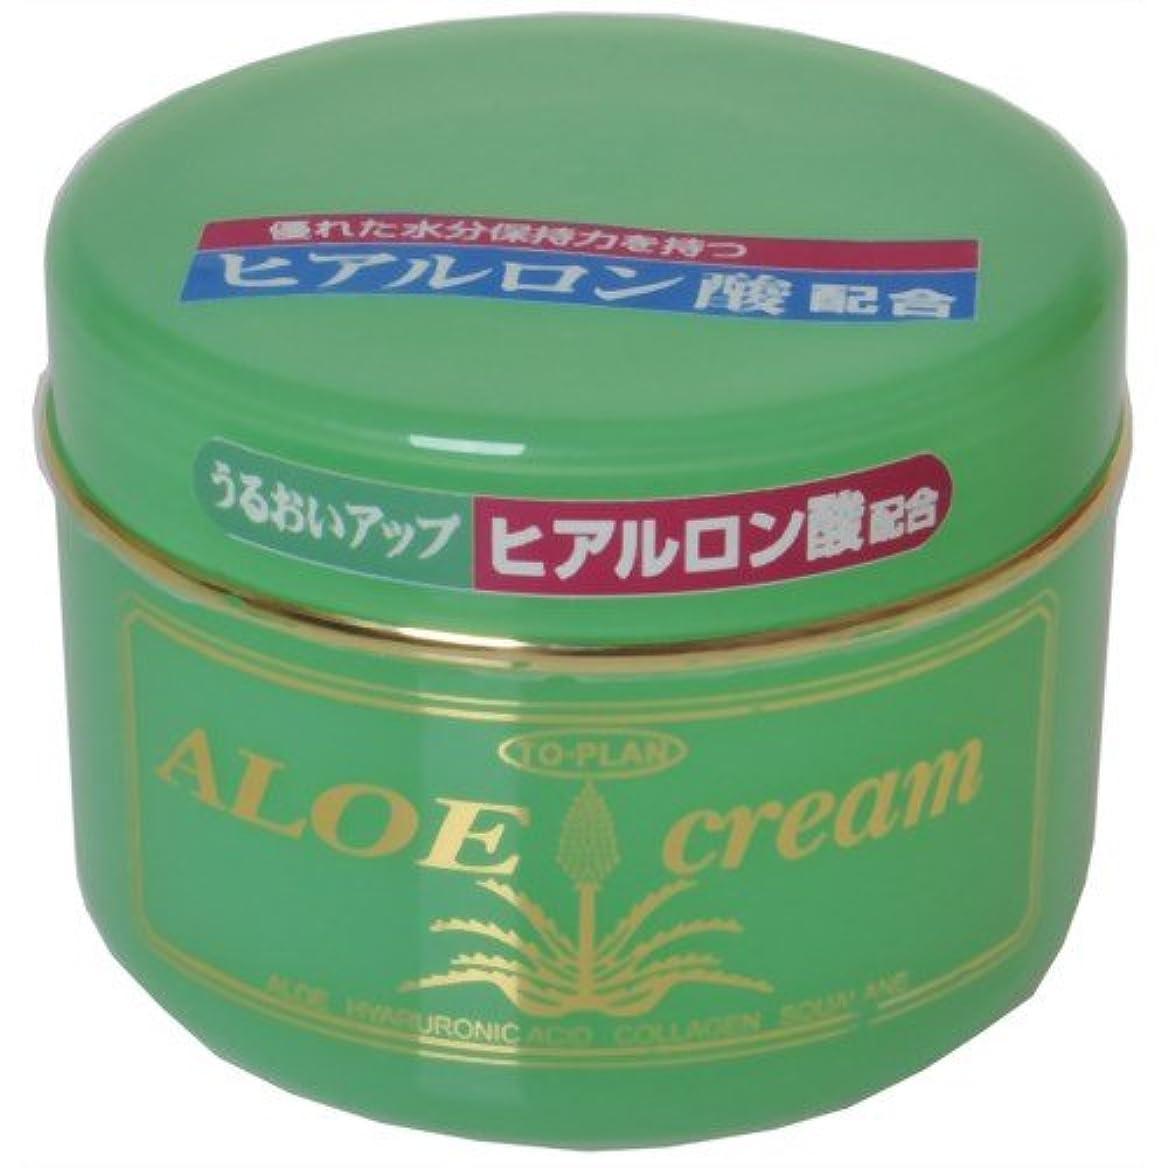 アクセル額もしTO-PLAN(トプラン) ヒアルロン酸?アロエエキス?スクワラン配合アロエクリーム170g